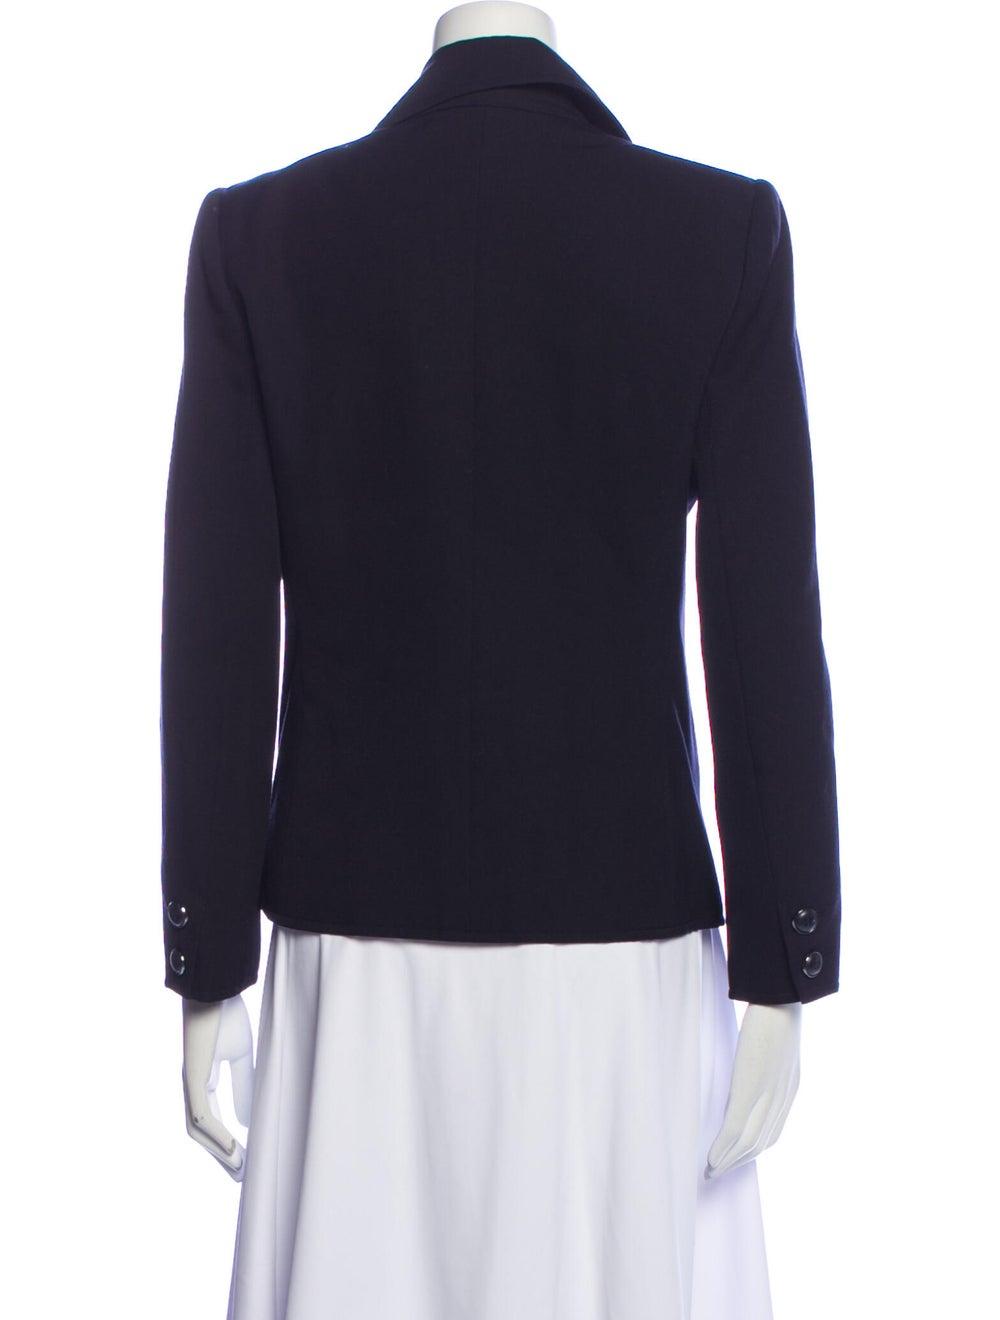 Yves Saint Laurent Rive Gauche Vintage Blazer Blue - image 3